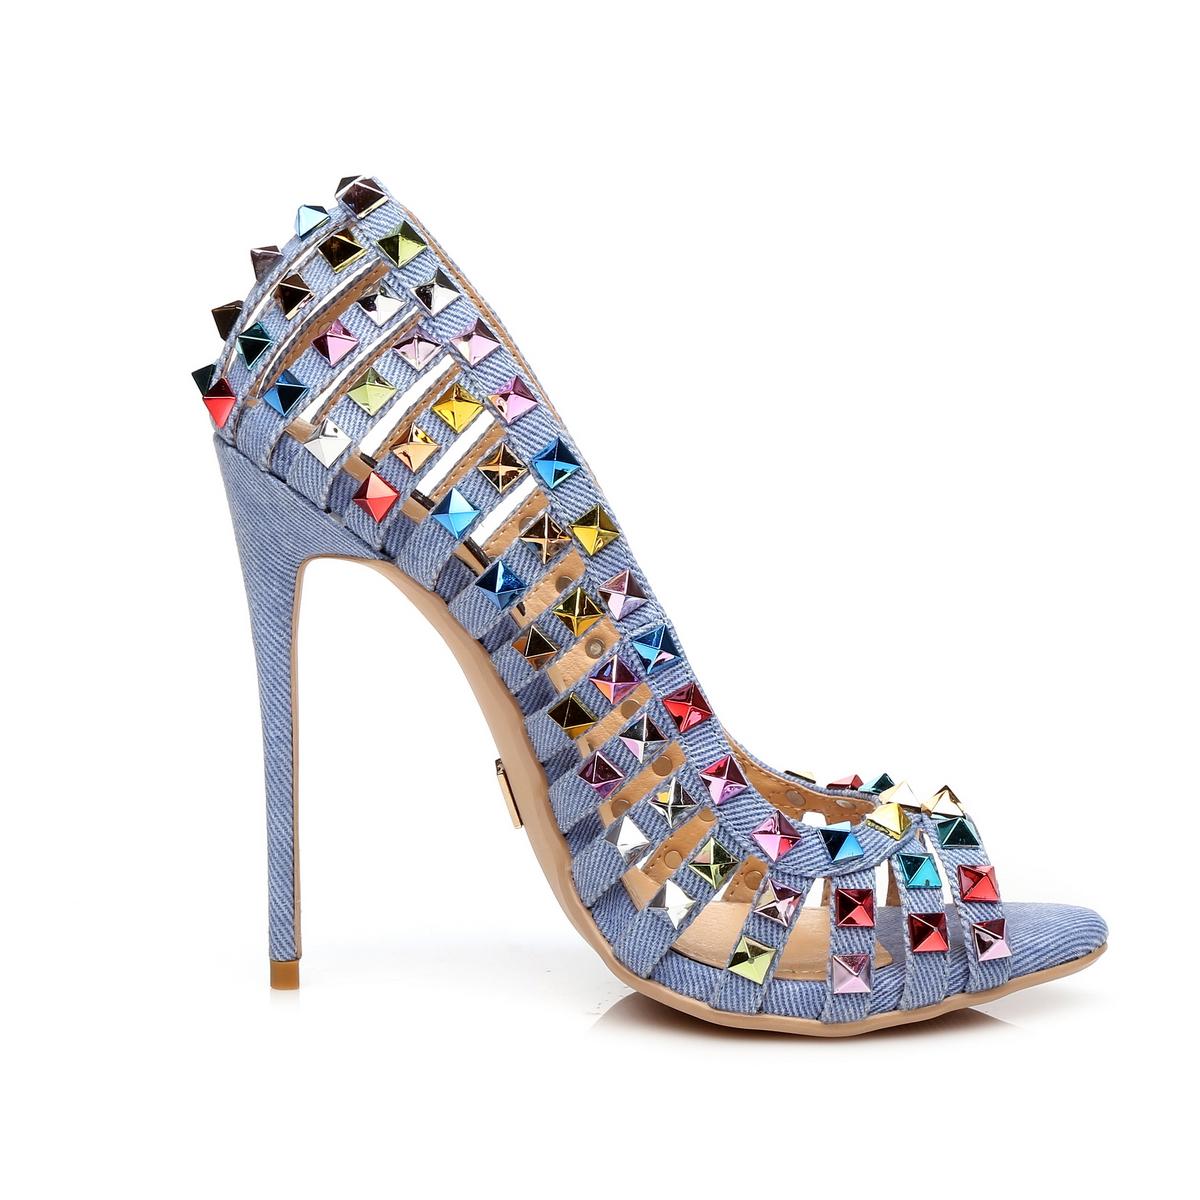 GIARO - Damen High Heel Pumps - Blau Schuhe in Übergrößen – Bild 4